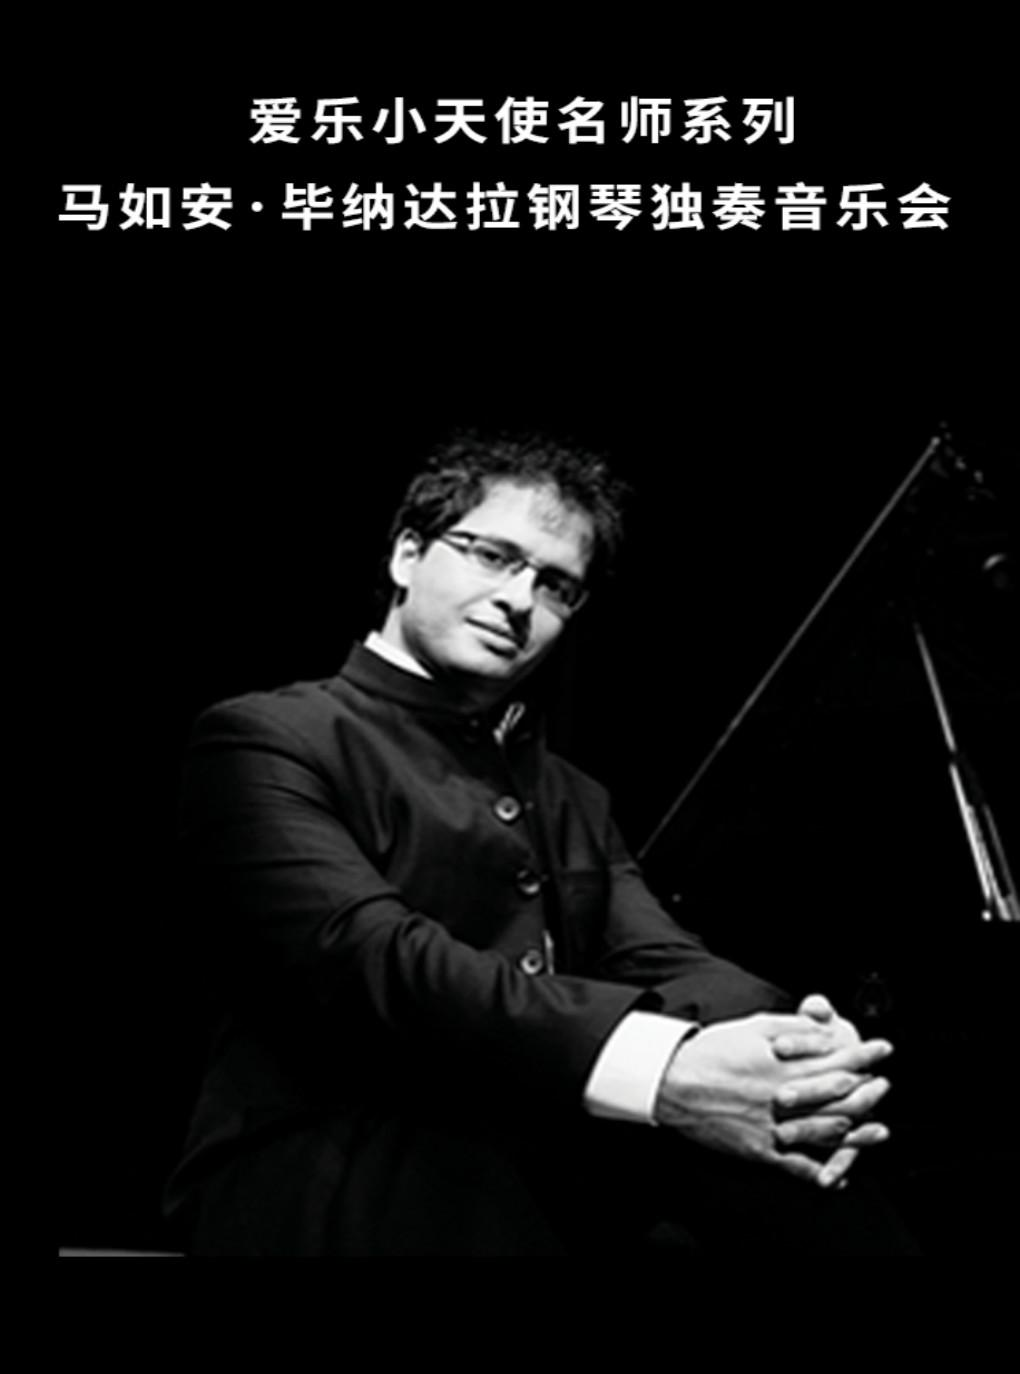 马如安•毕纳达拉钢琴独奏音乐会